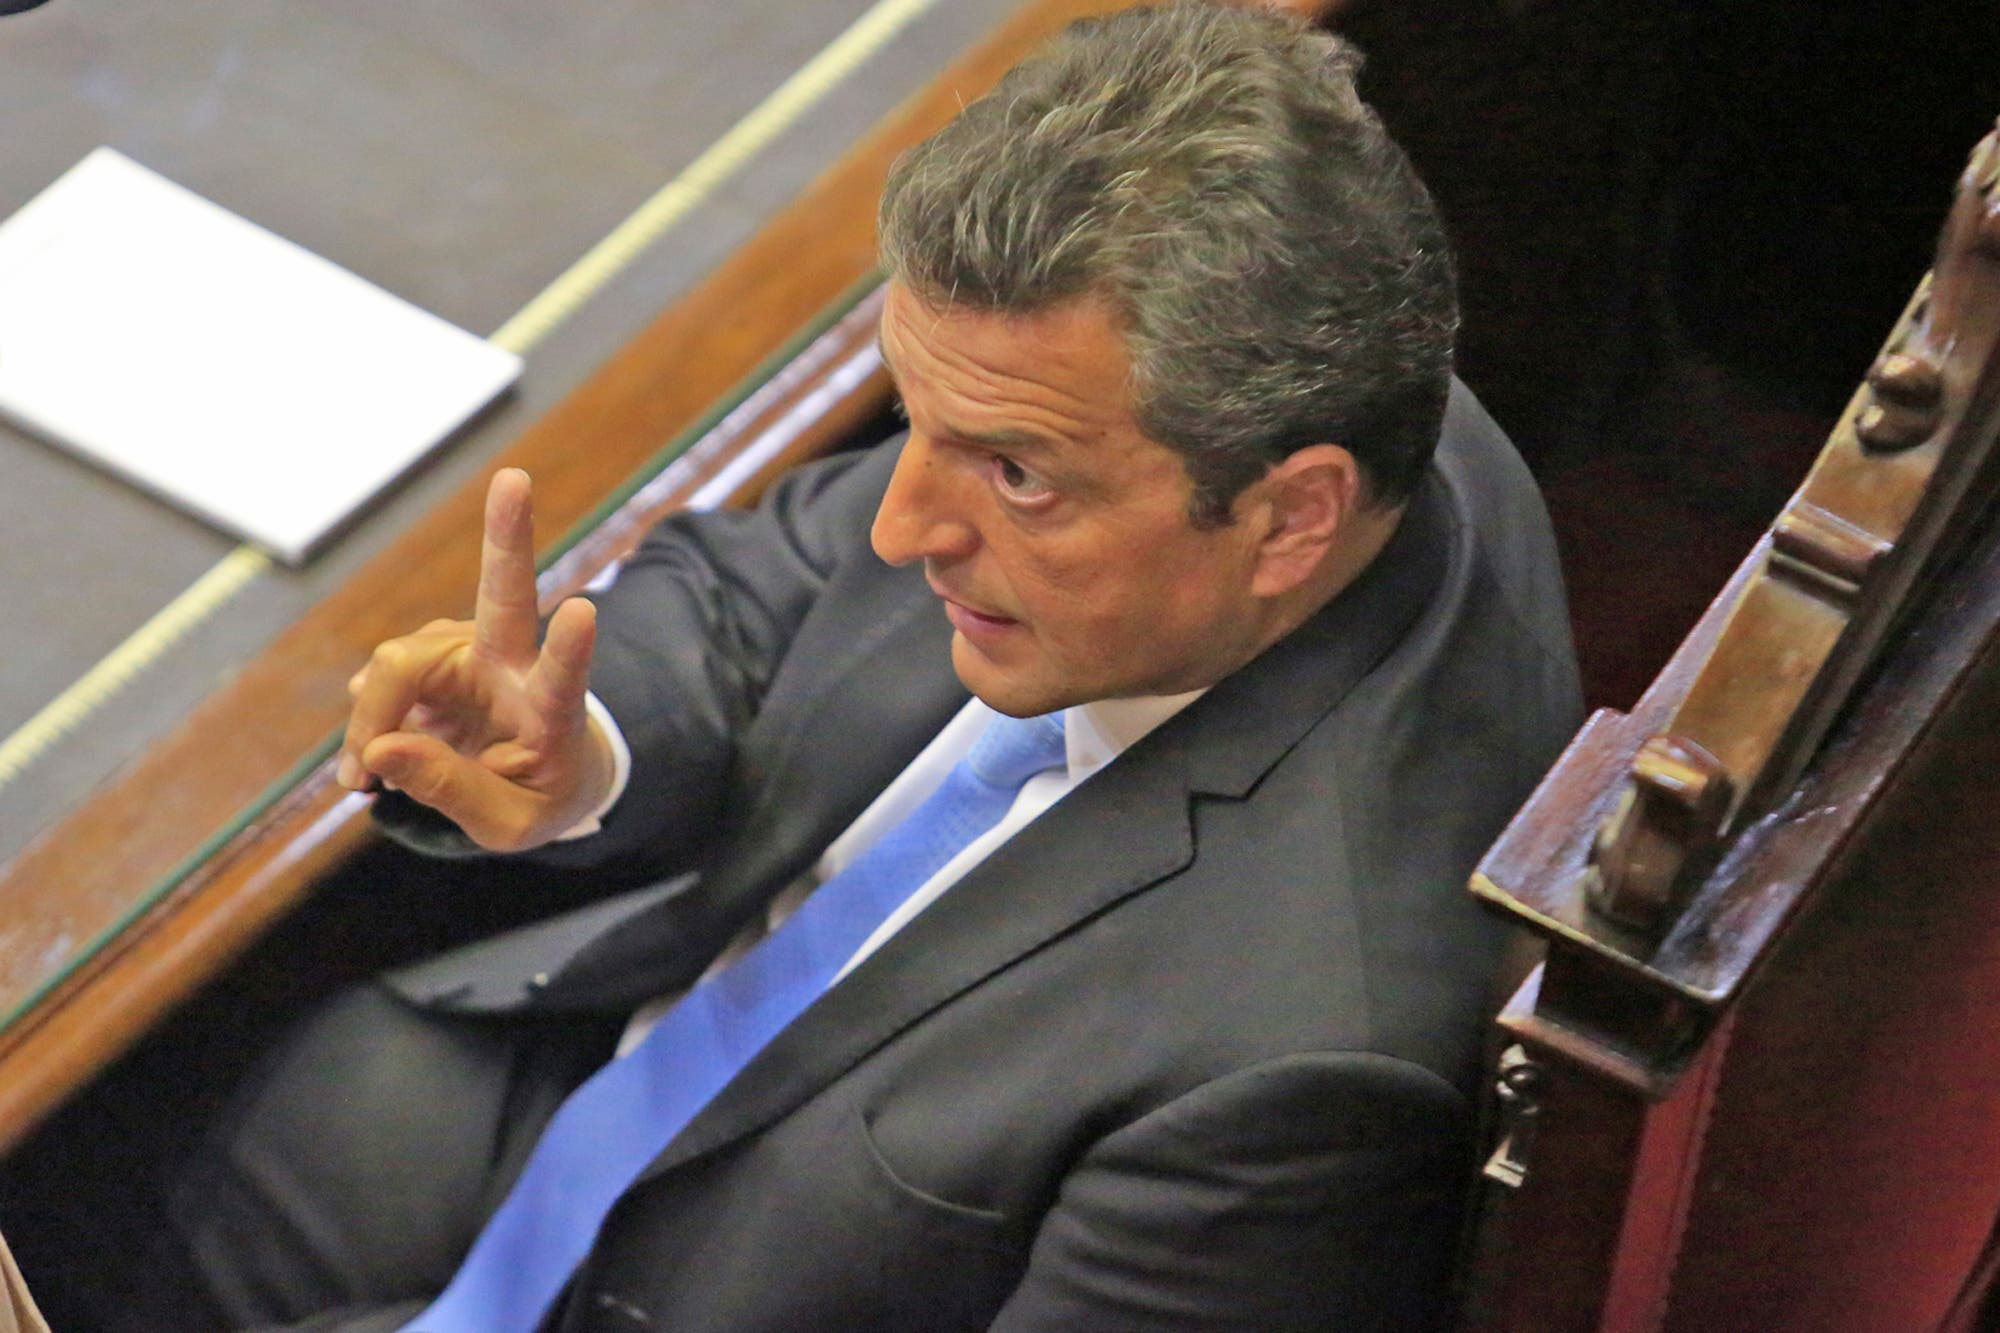 Tensión en Diputados: el oficialismo convocó a una sesión remota el martes próximo sin el aval de Juntos por el Cambio